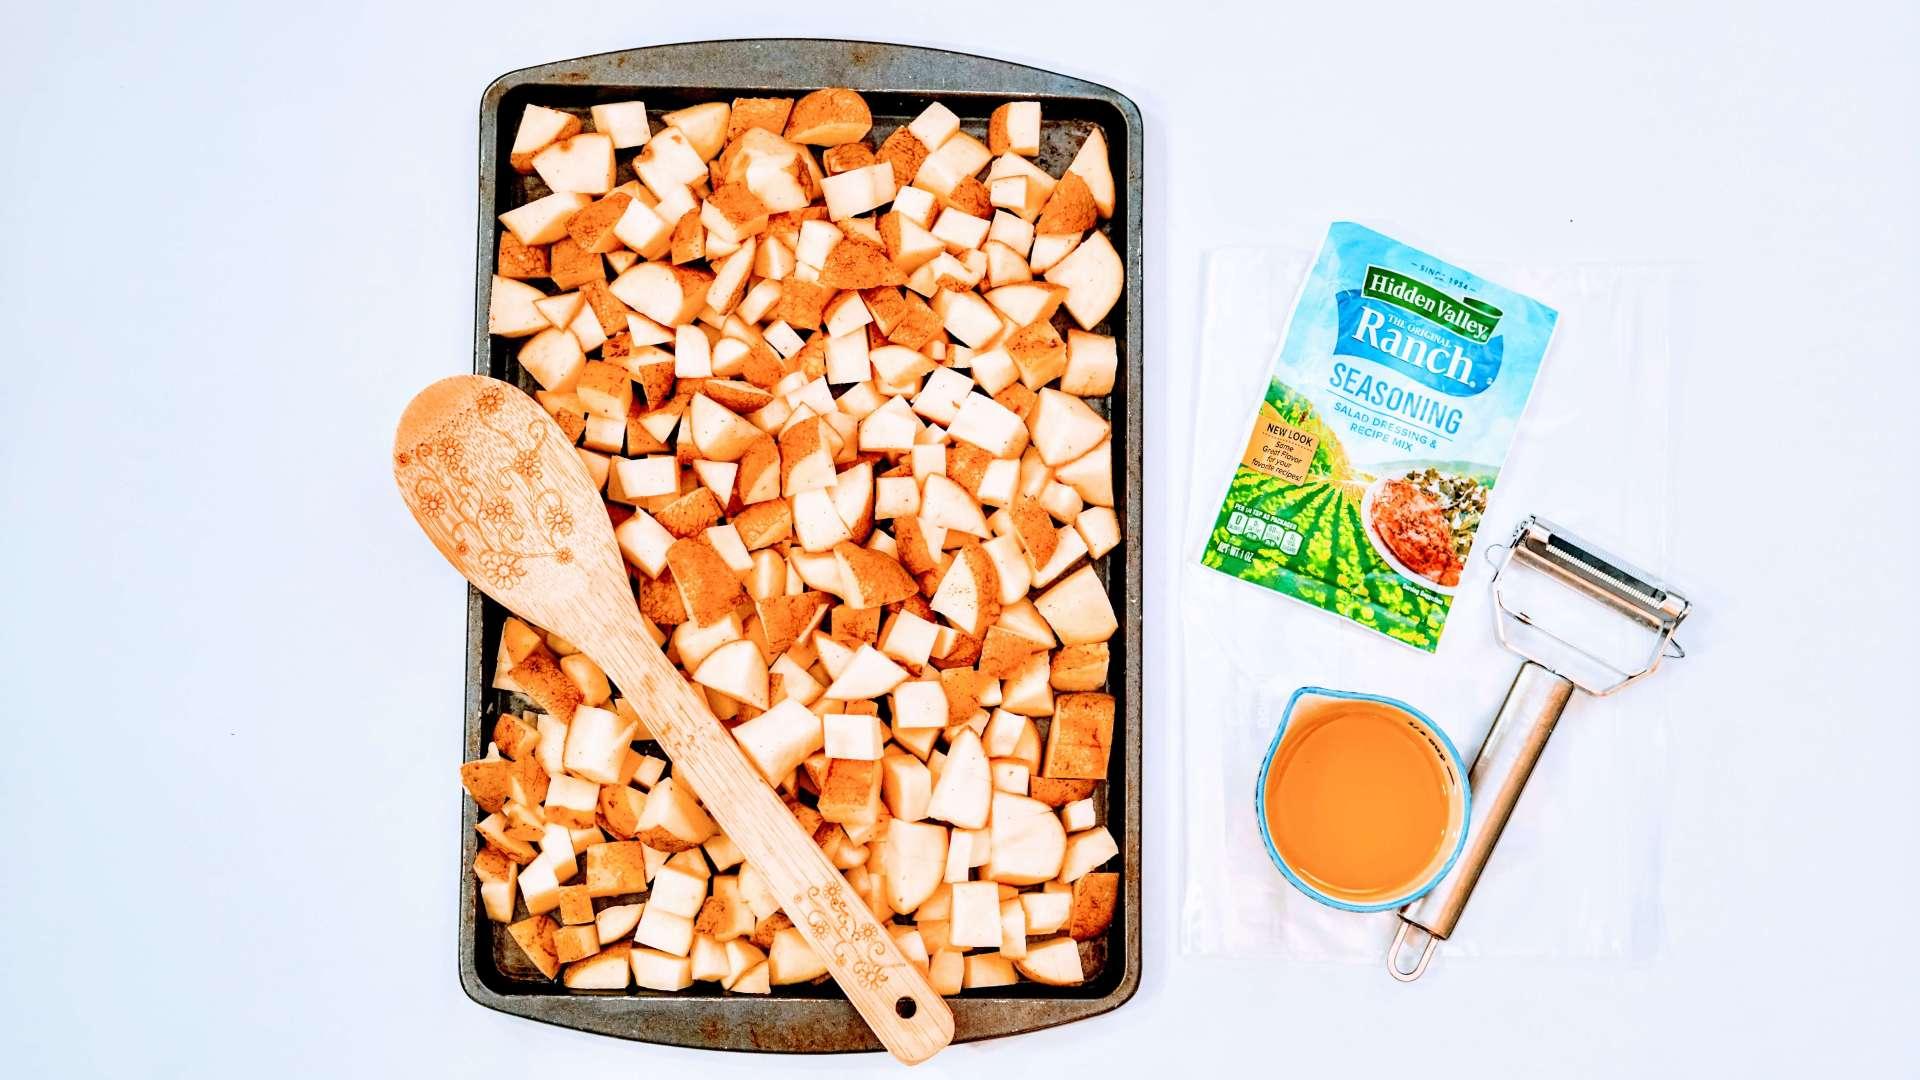 Sheet pan potato ingredients